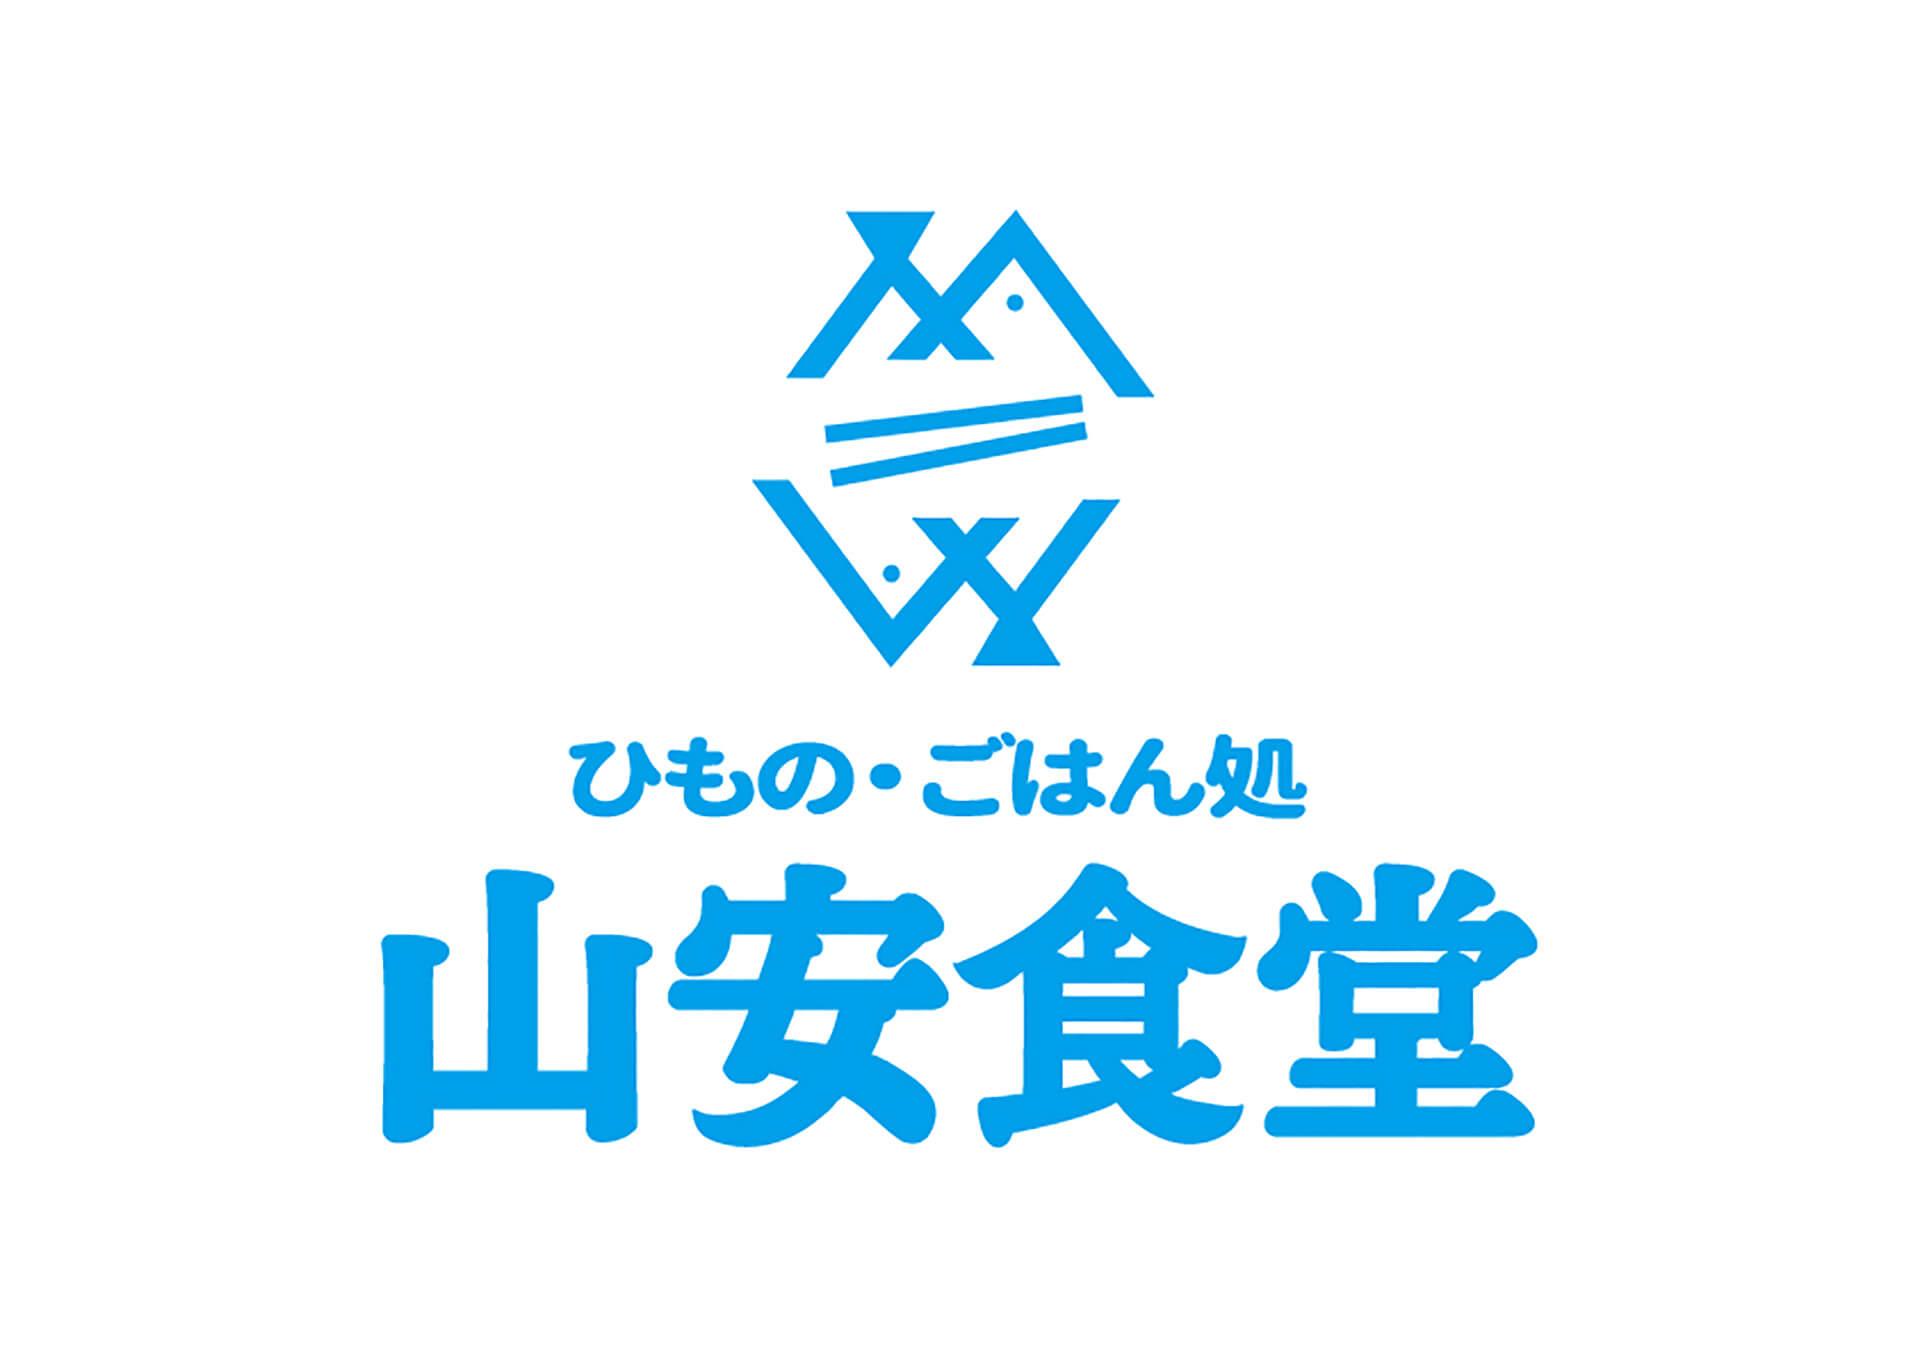 山安 ターンパイク店ロゴ